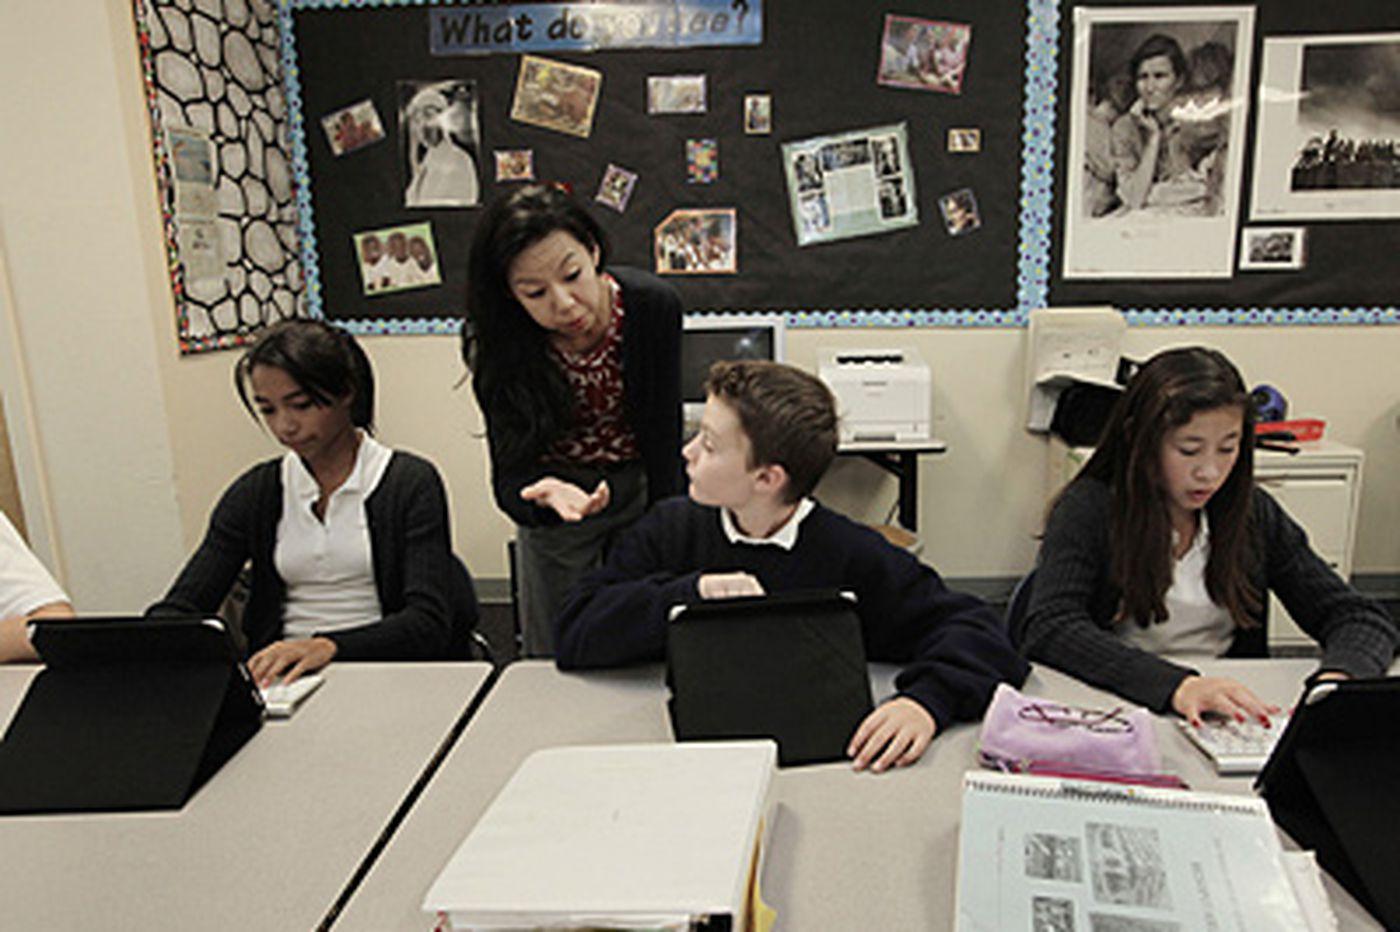 Schools test iPads in classrooms